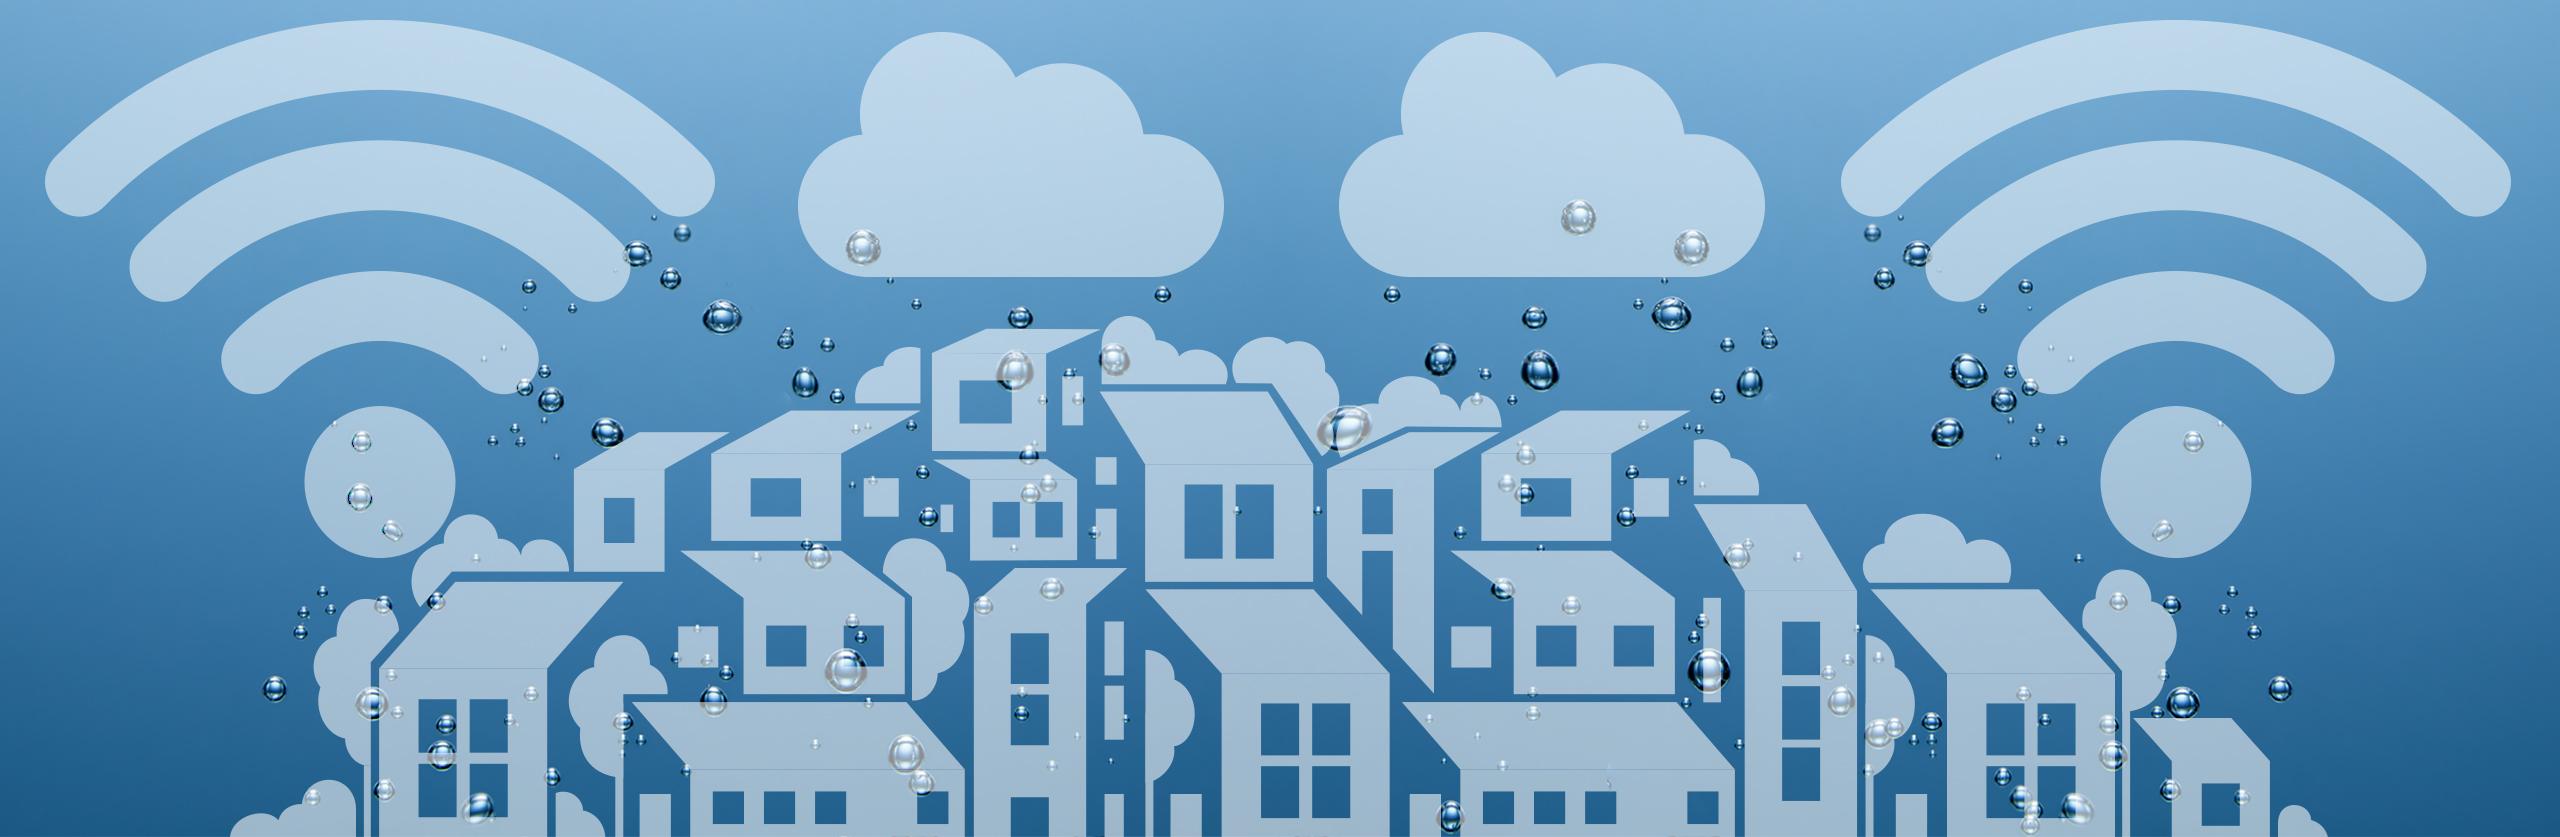 AVK Smart Water kommunikasjon og visualisering av data